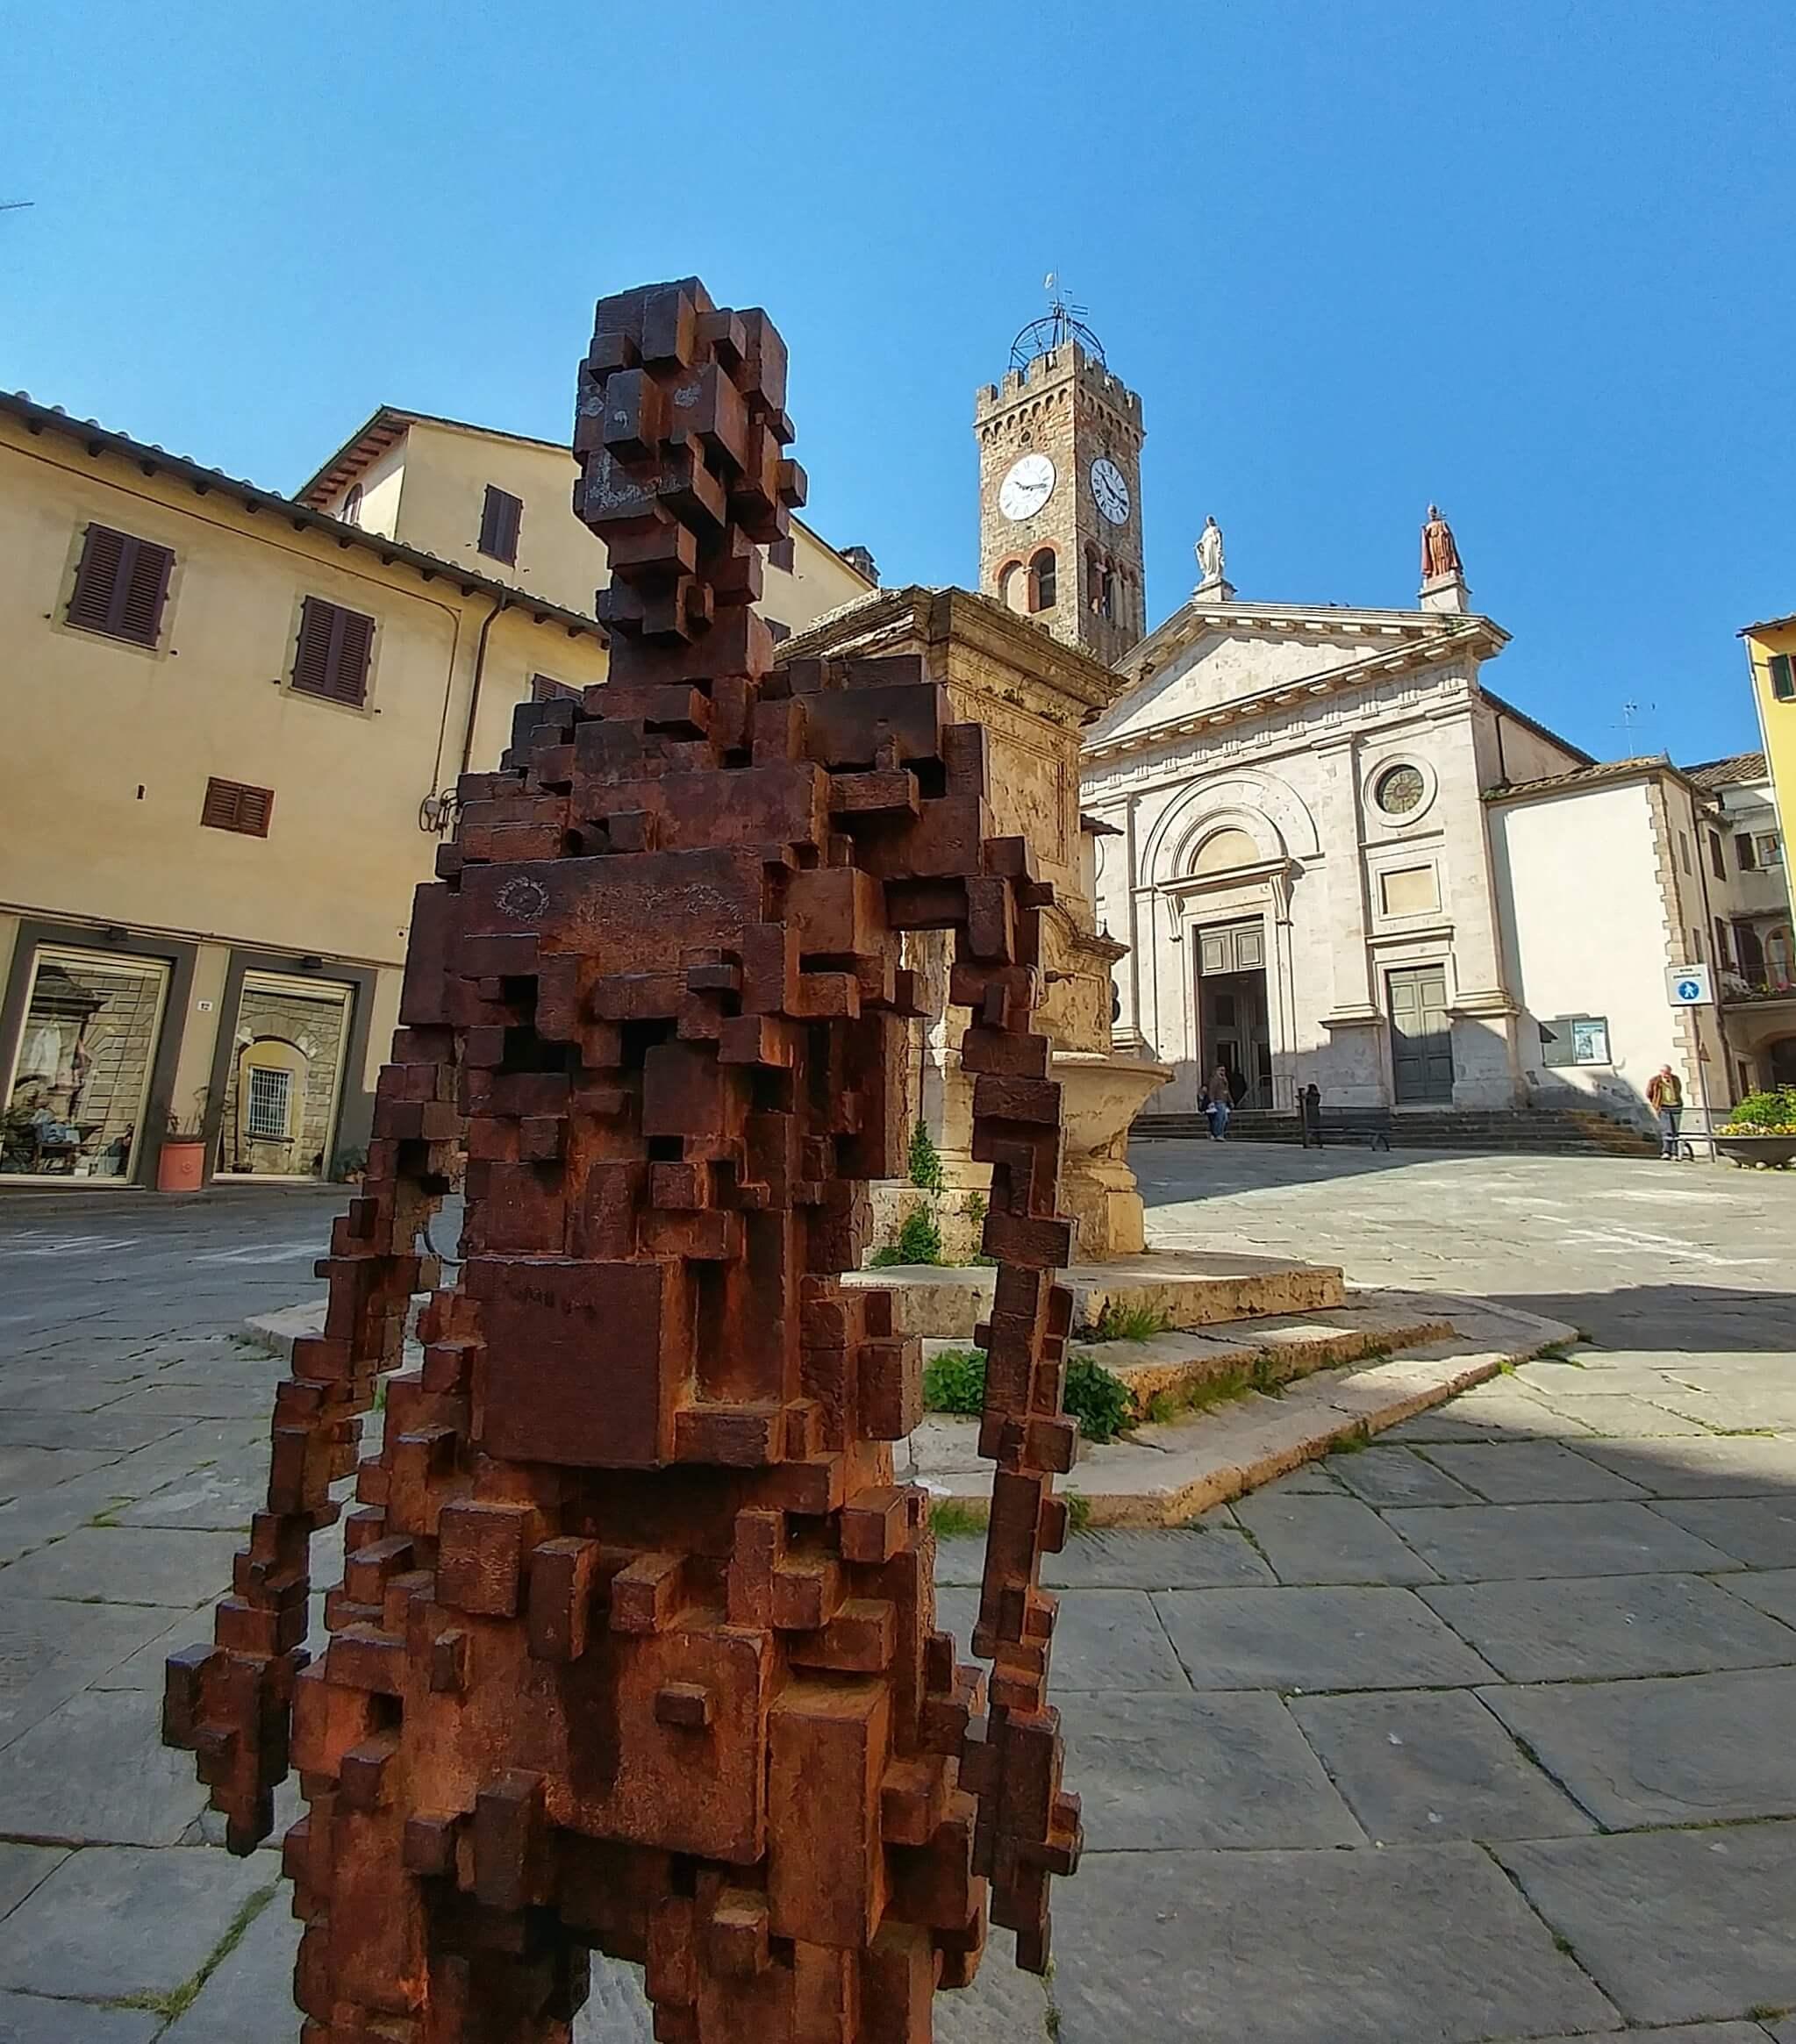 artcraft-arte-contemporanea-ambientale-gormley